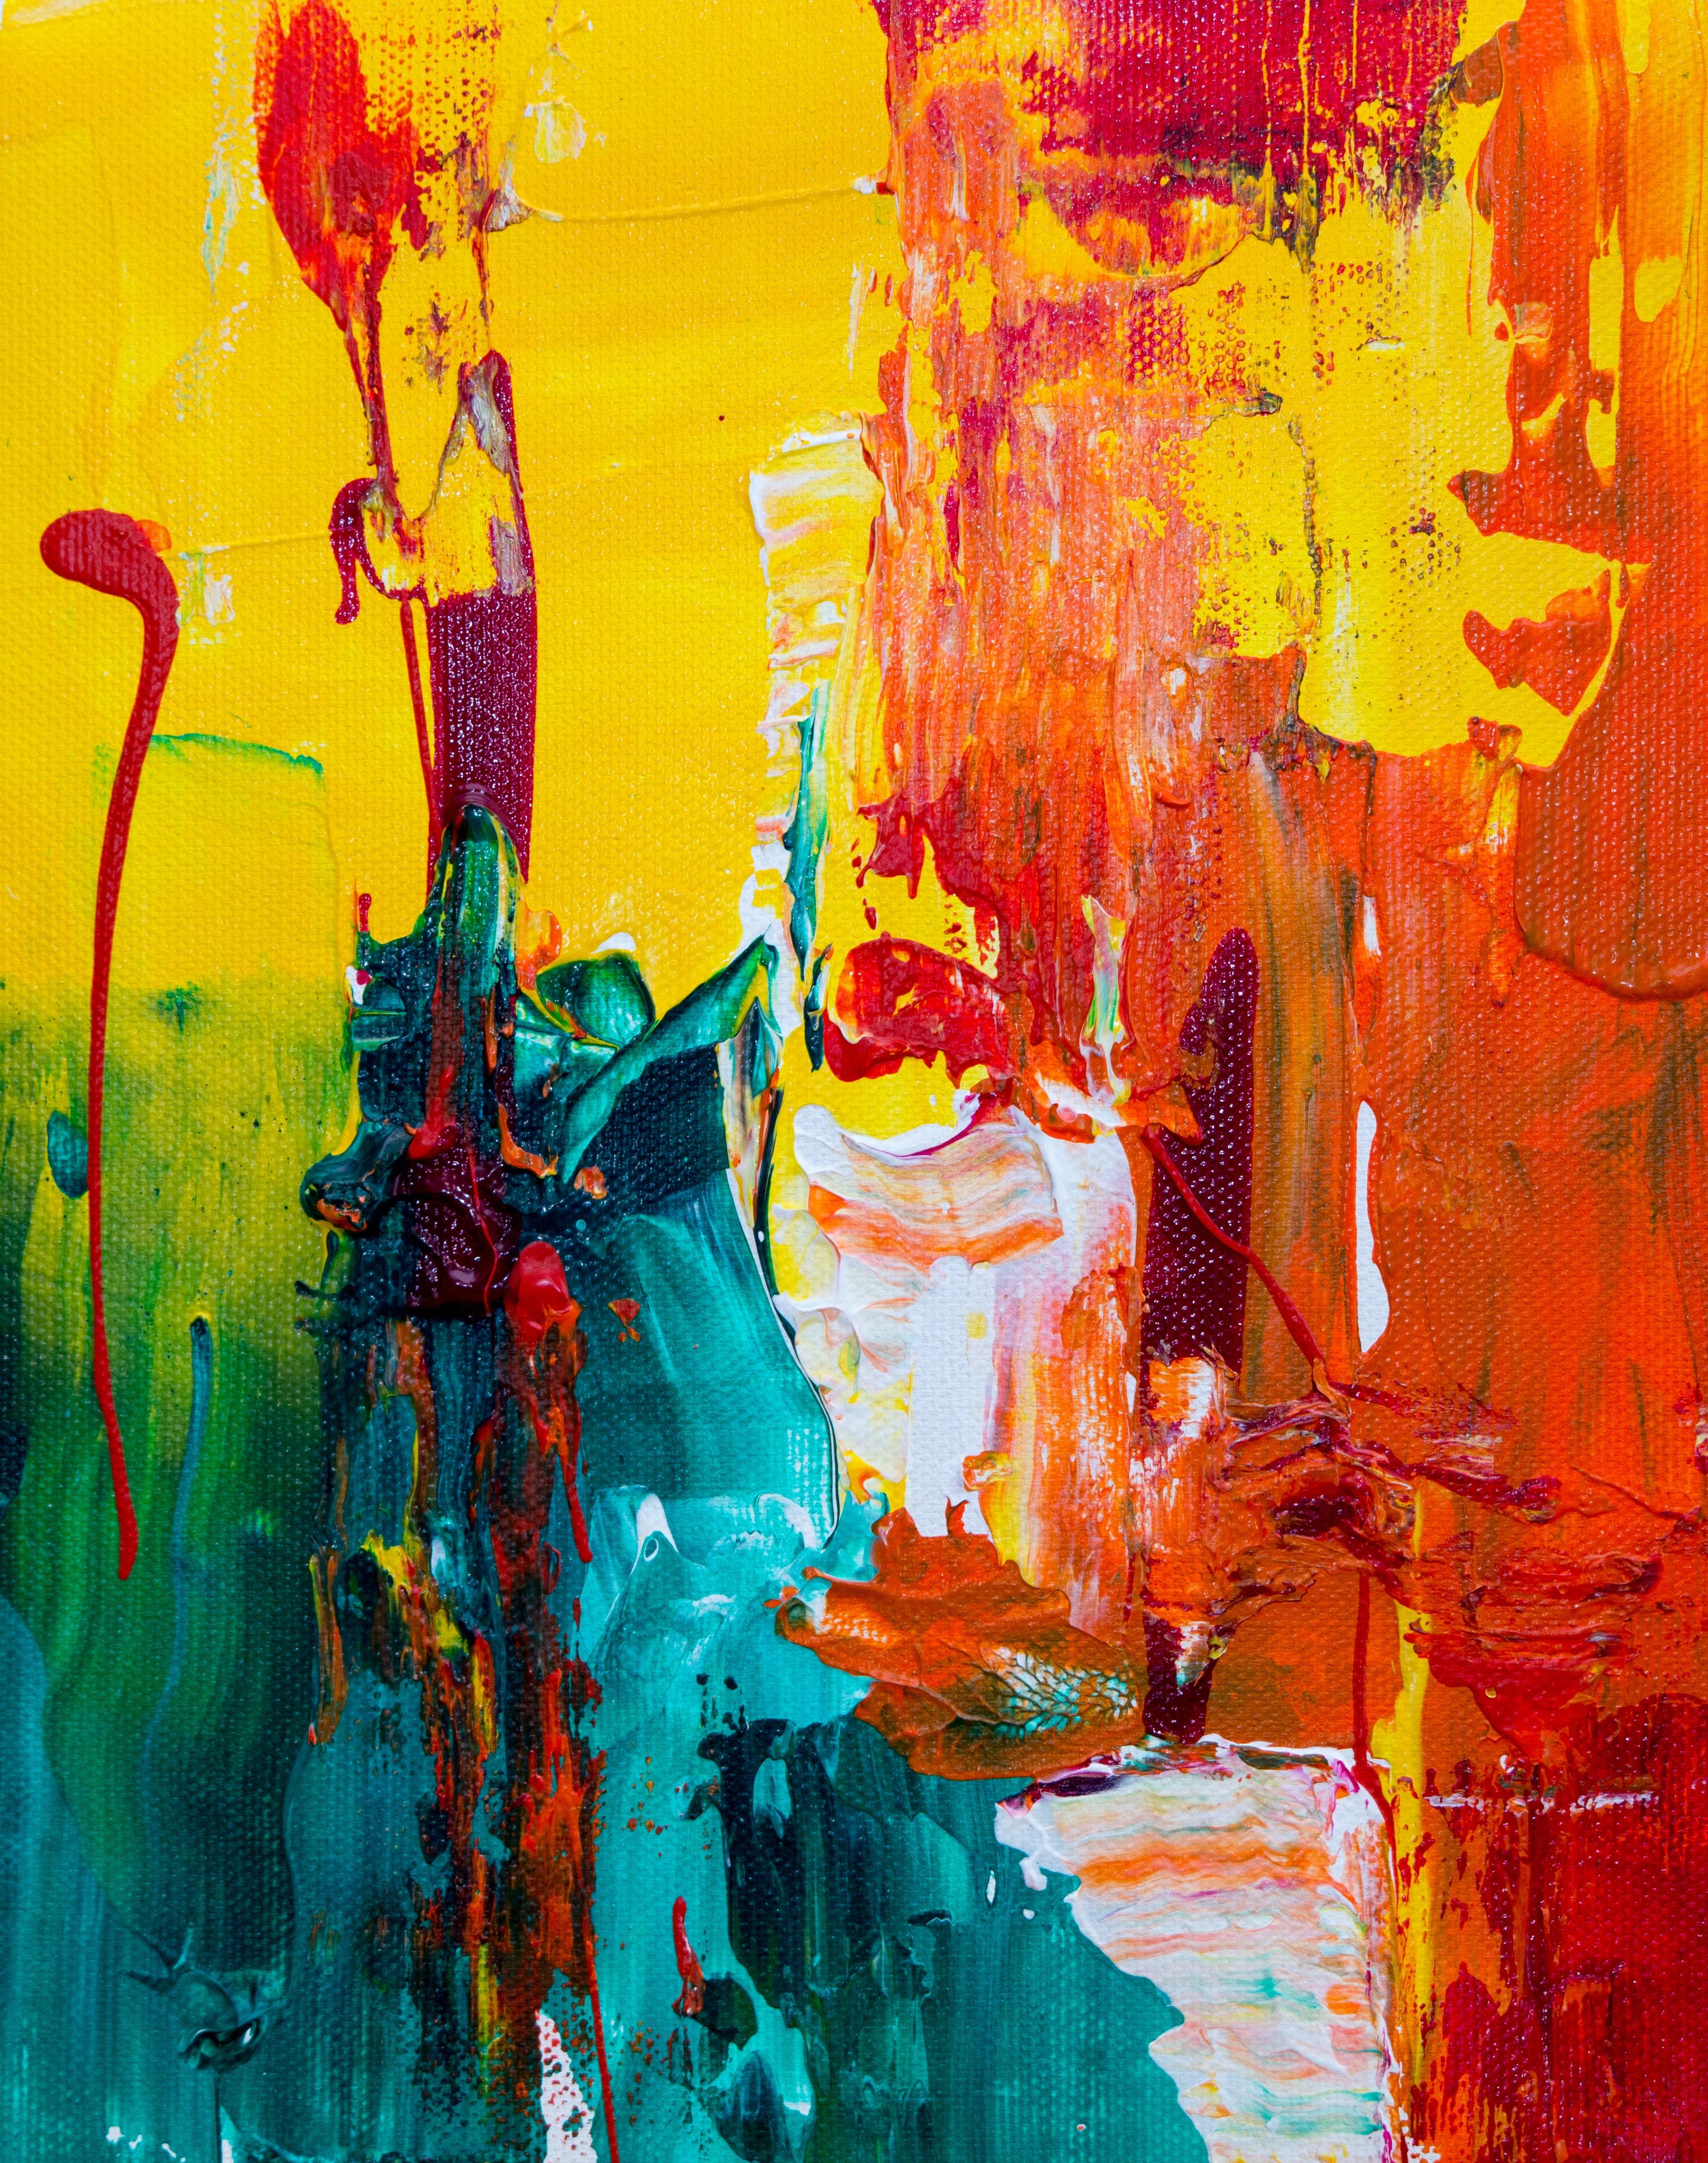 Abstract Modern Art Artistic Wallpaper